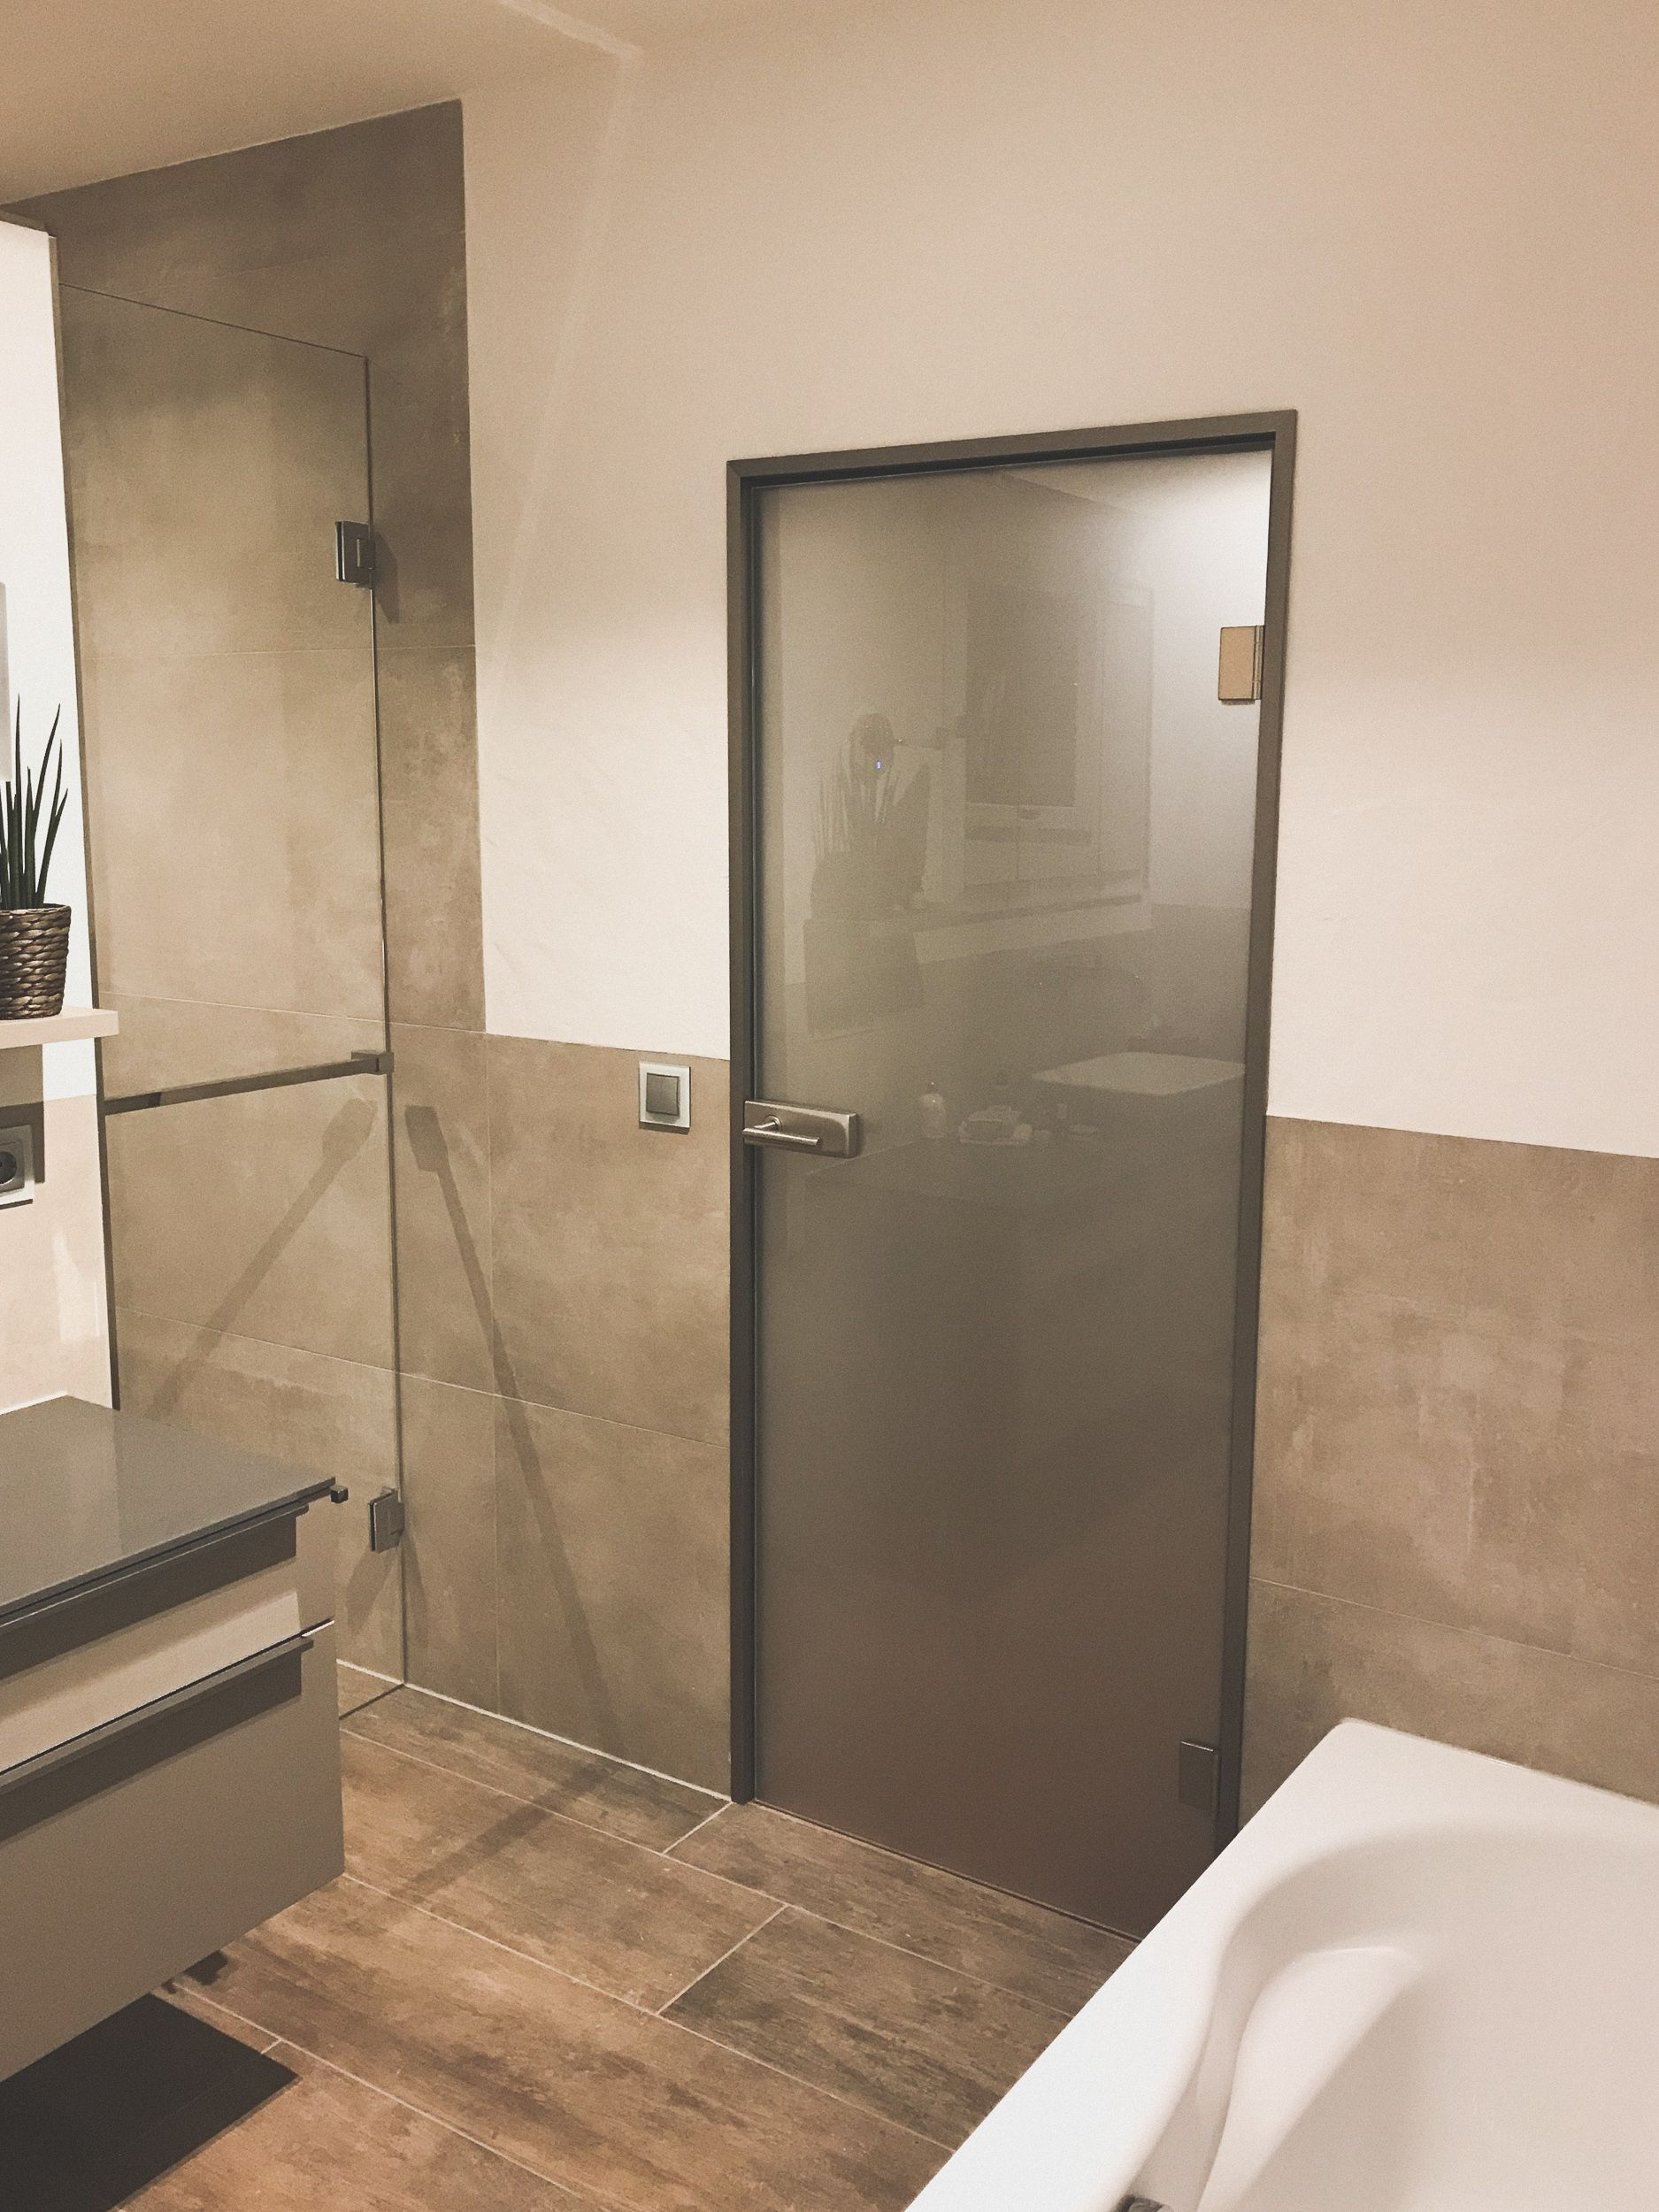 Moderne Massangefertigte Glastur Fur Den Wohnbereich In 2020 Glastur Badezimmer Tur Zimmertur Glas